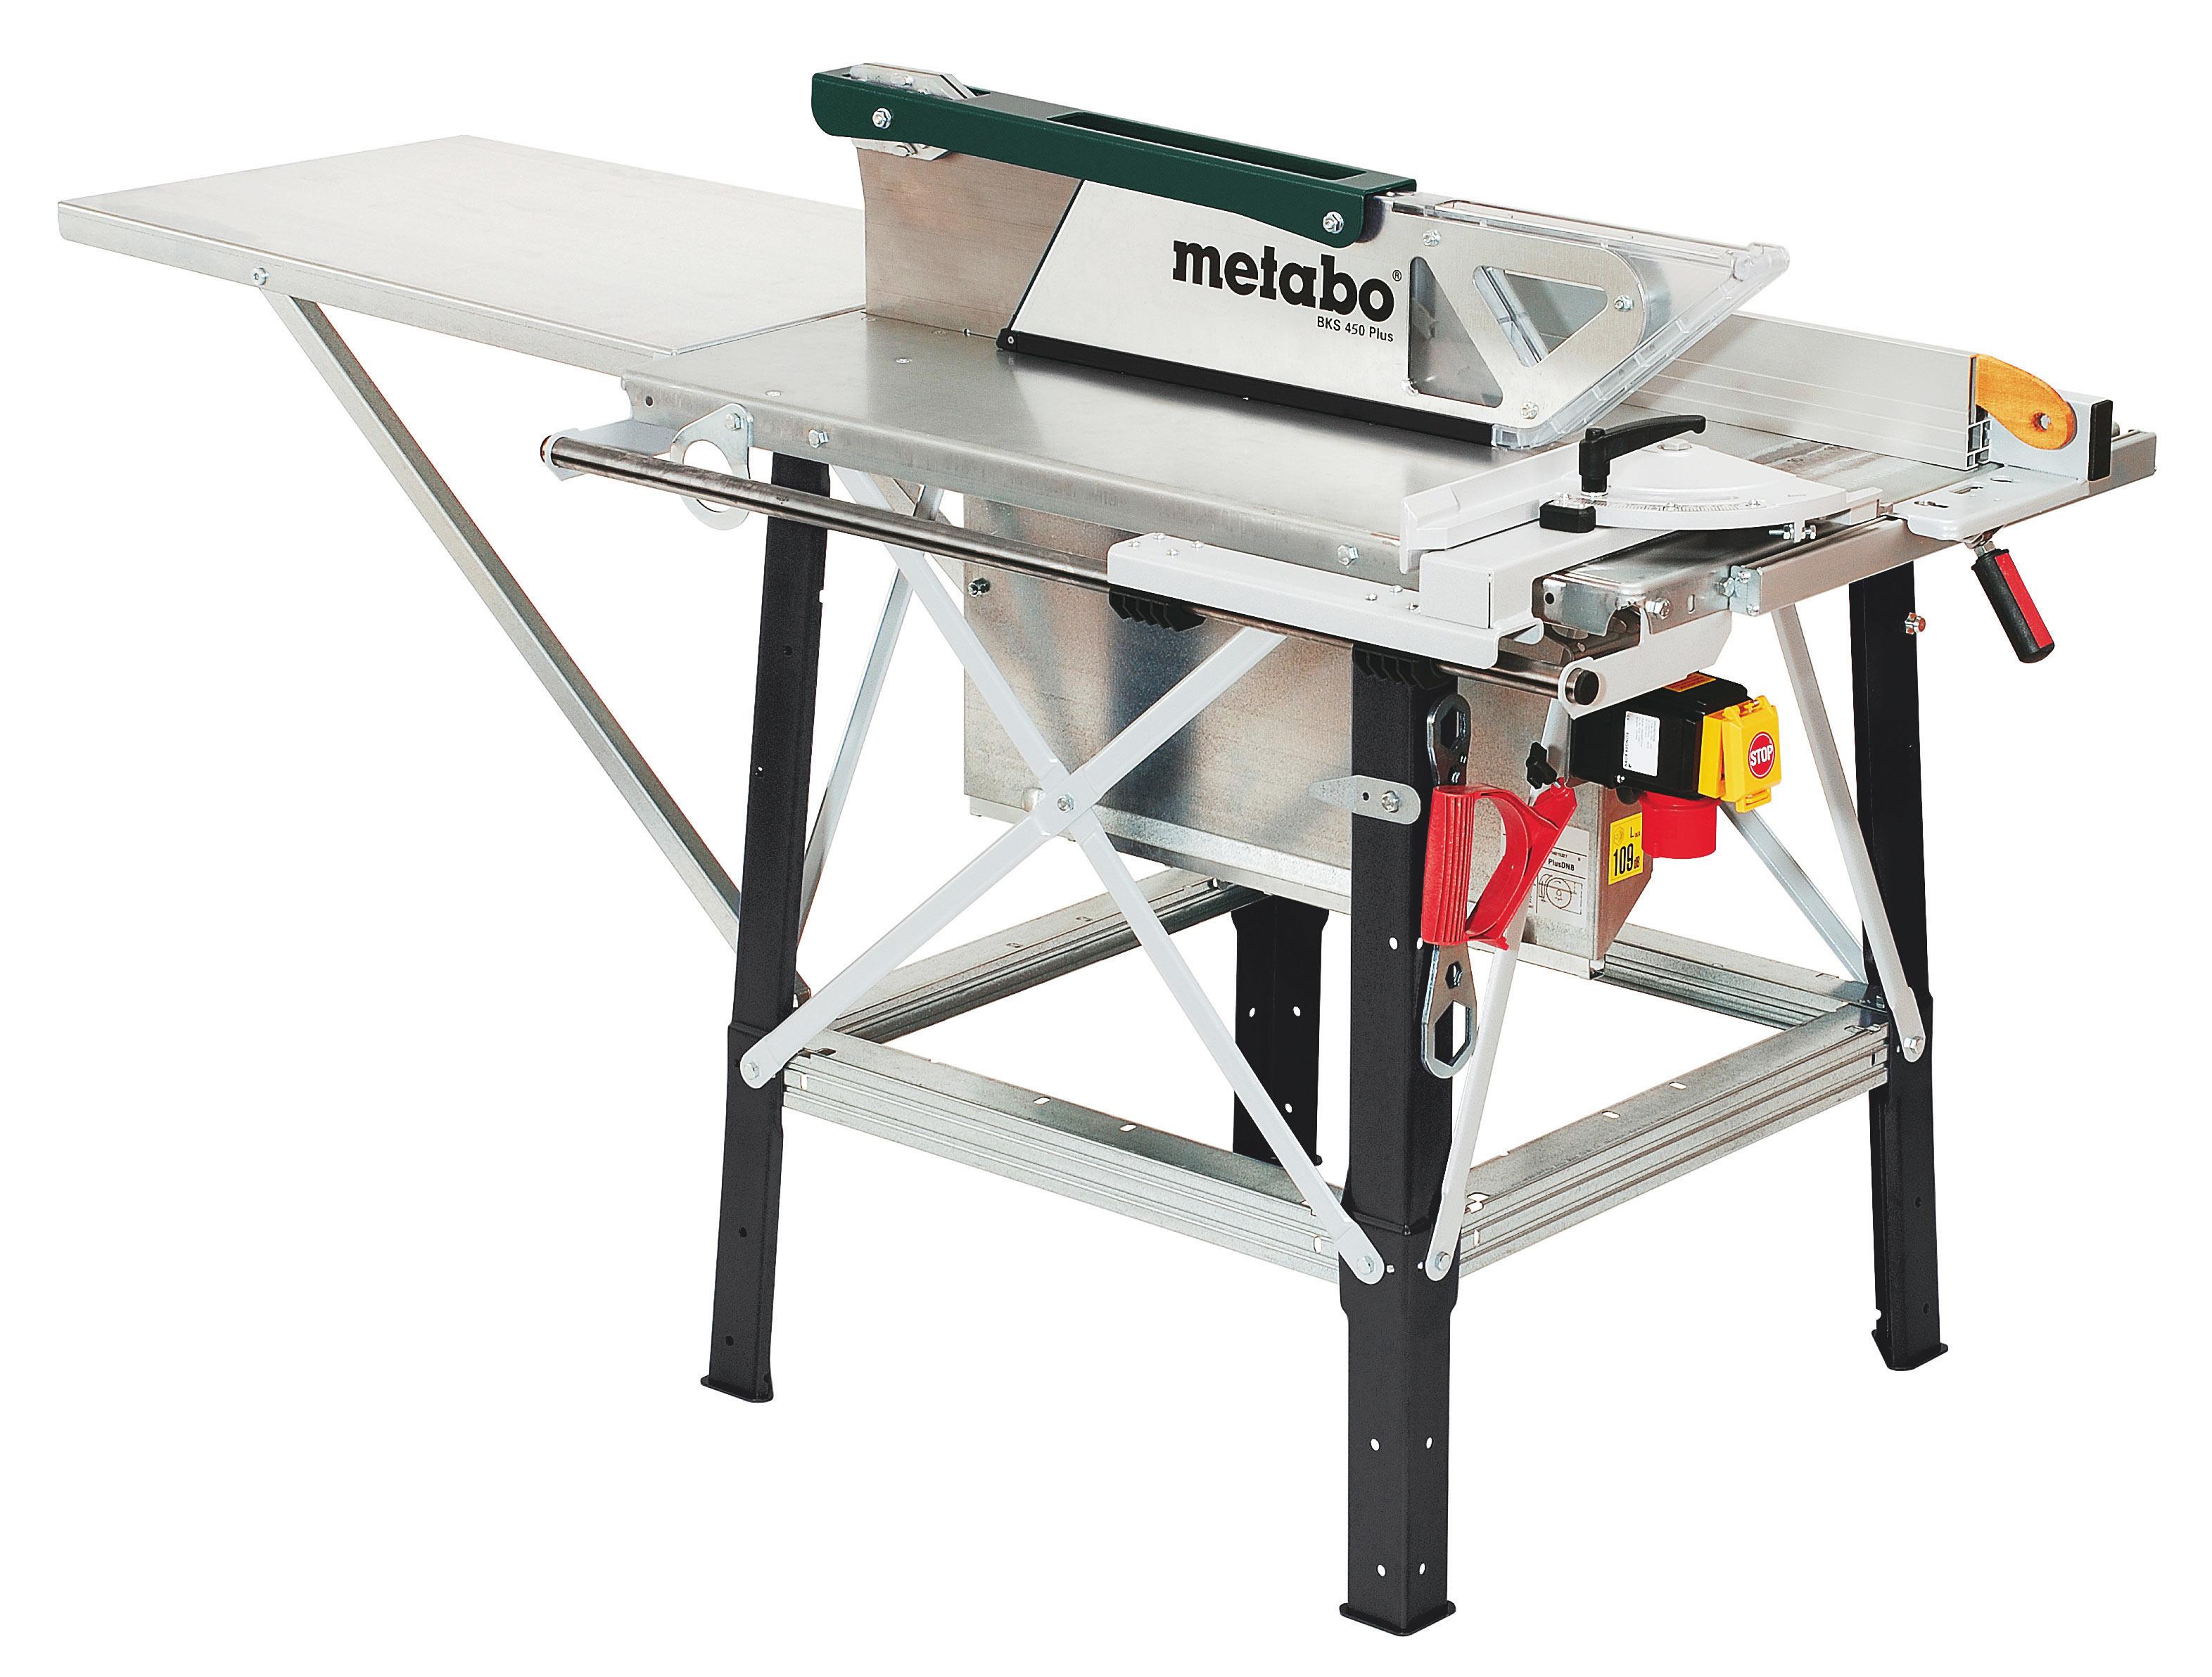 metabo bks 450 plus 5 5 dnb p t ipari k rf r sz 400 v a. Black Bedroom Furniture Sets. Home Design Ideas